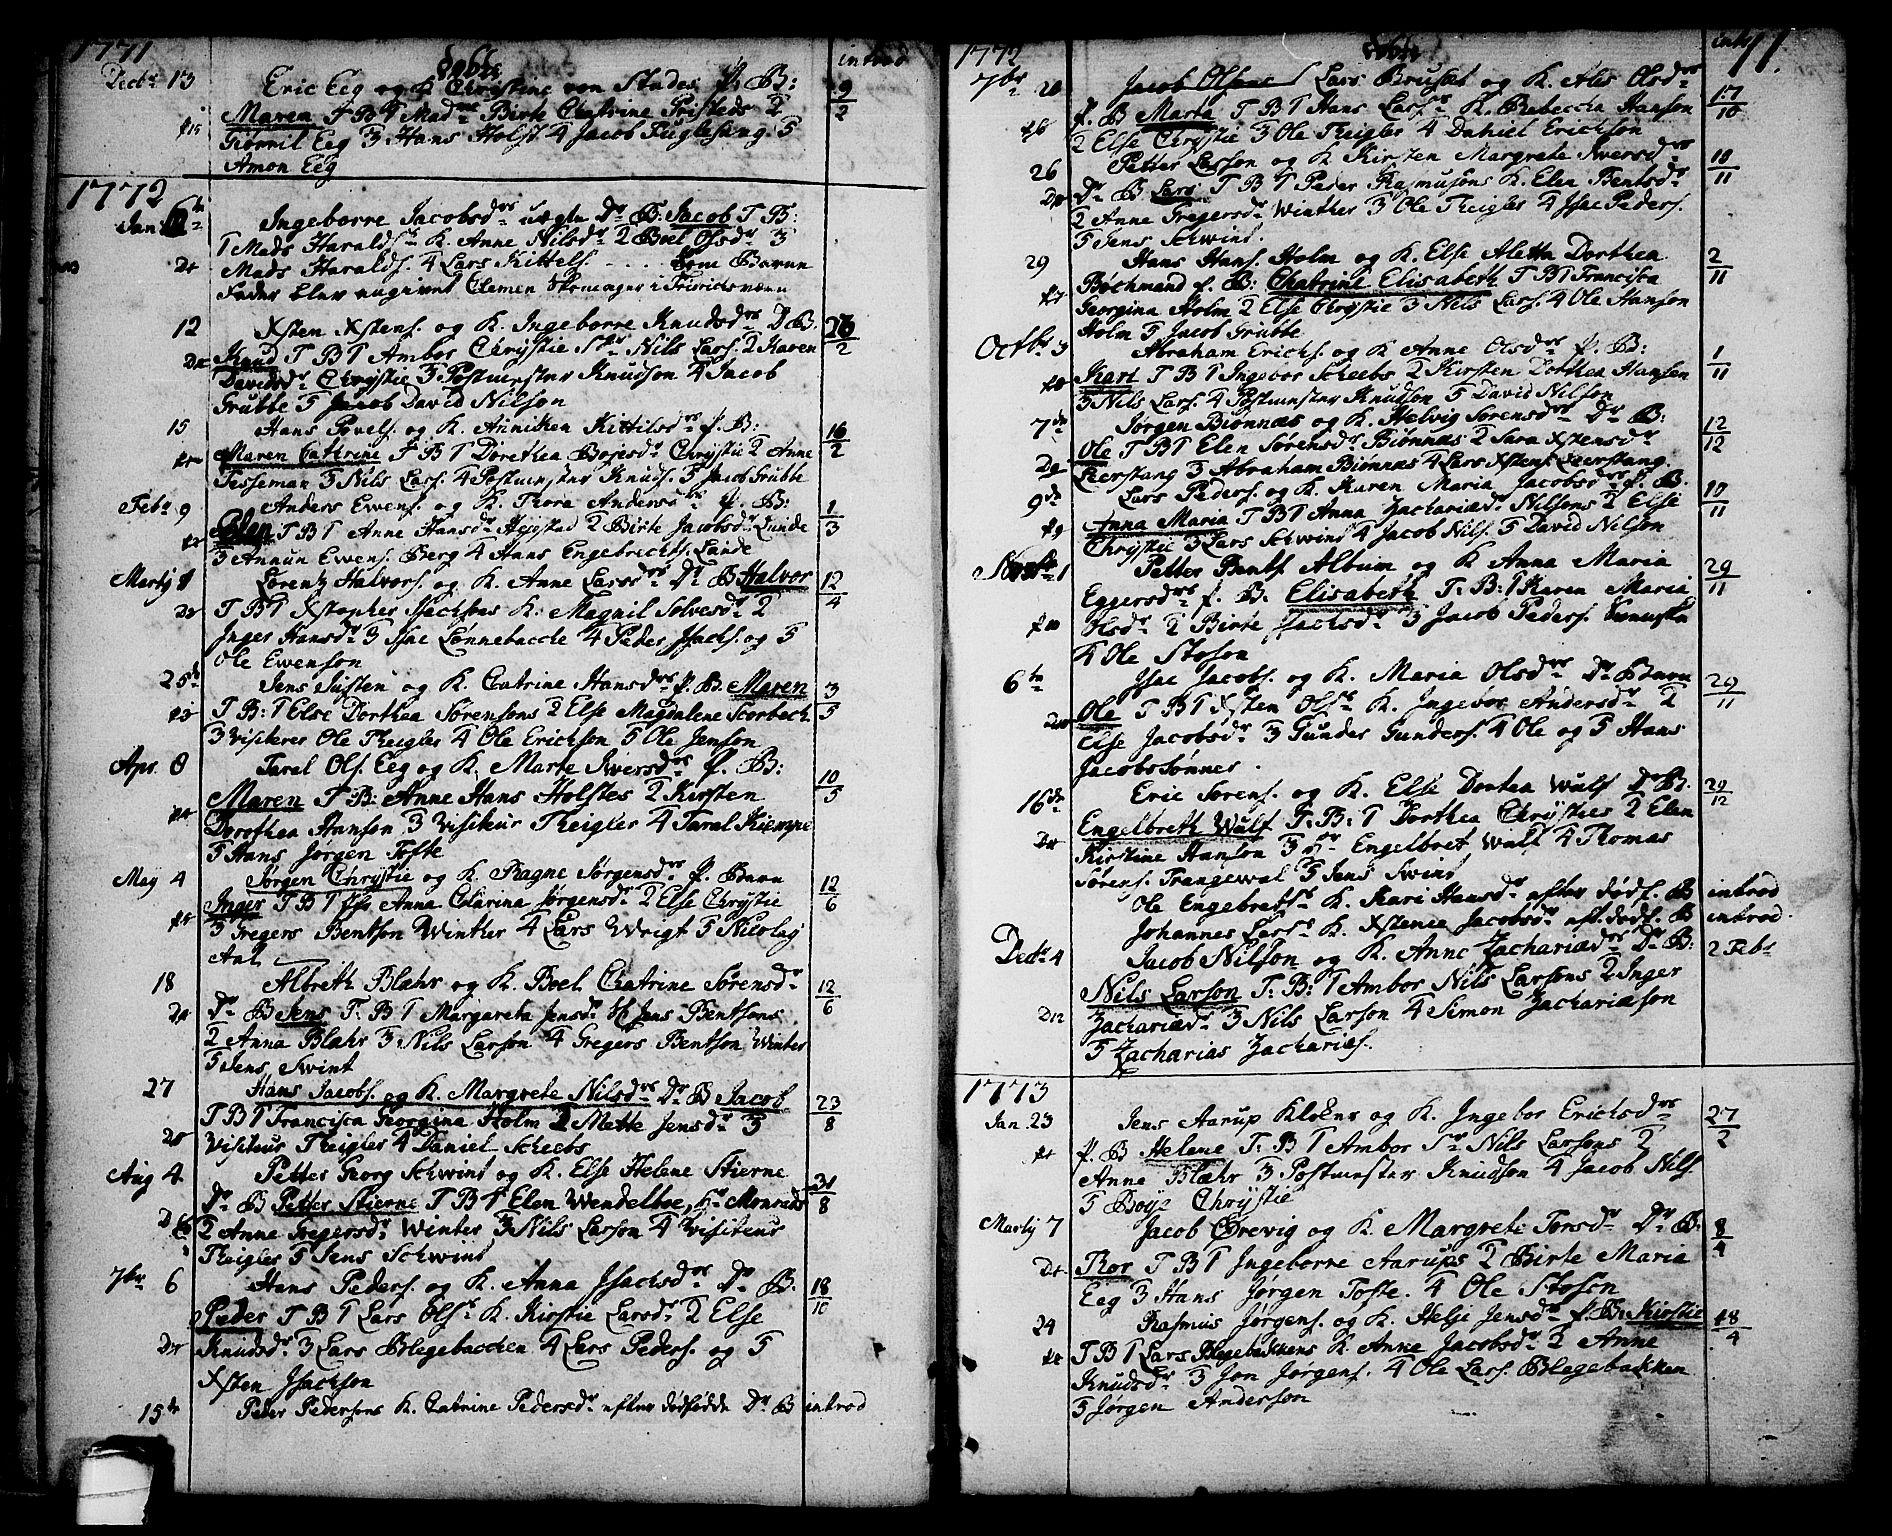 SAKO, Brevik kirkebøker, F/Fa/L0003: Ministerialbok nr. 3, 1764-1814, s. 11